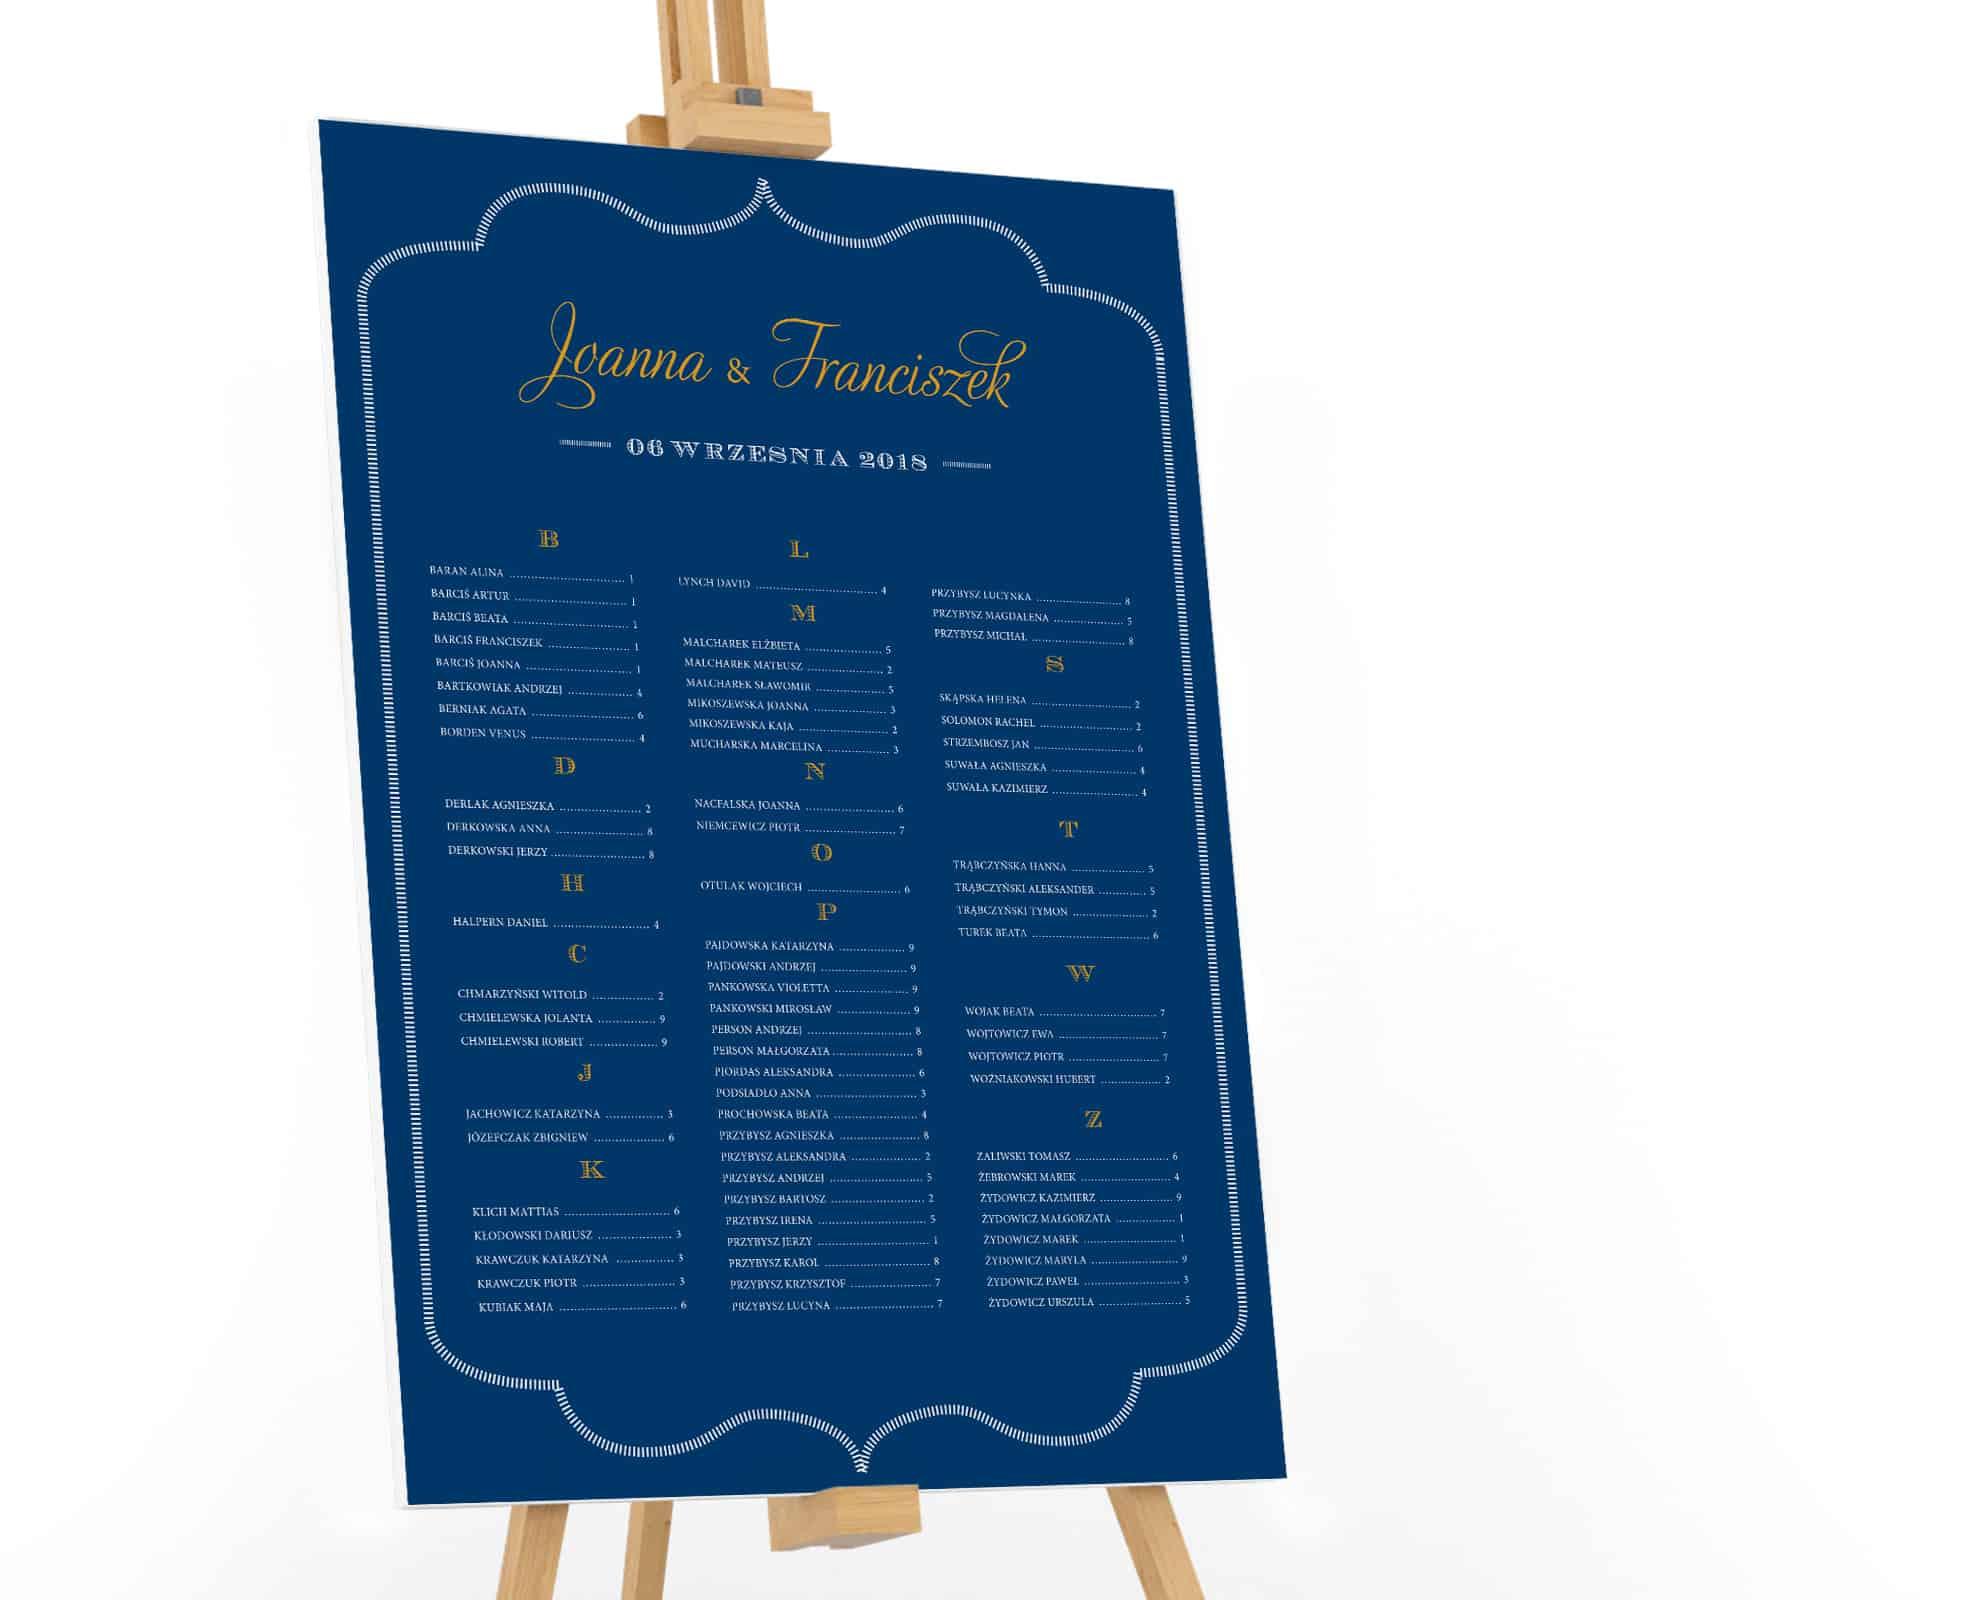 Granatowy plan stołów z układem alfabetycznym gości